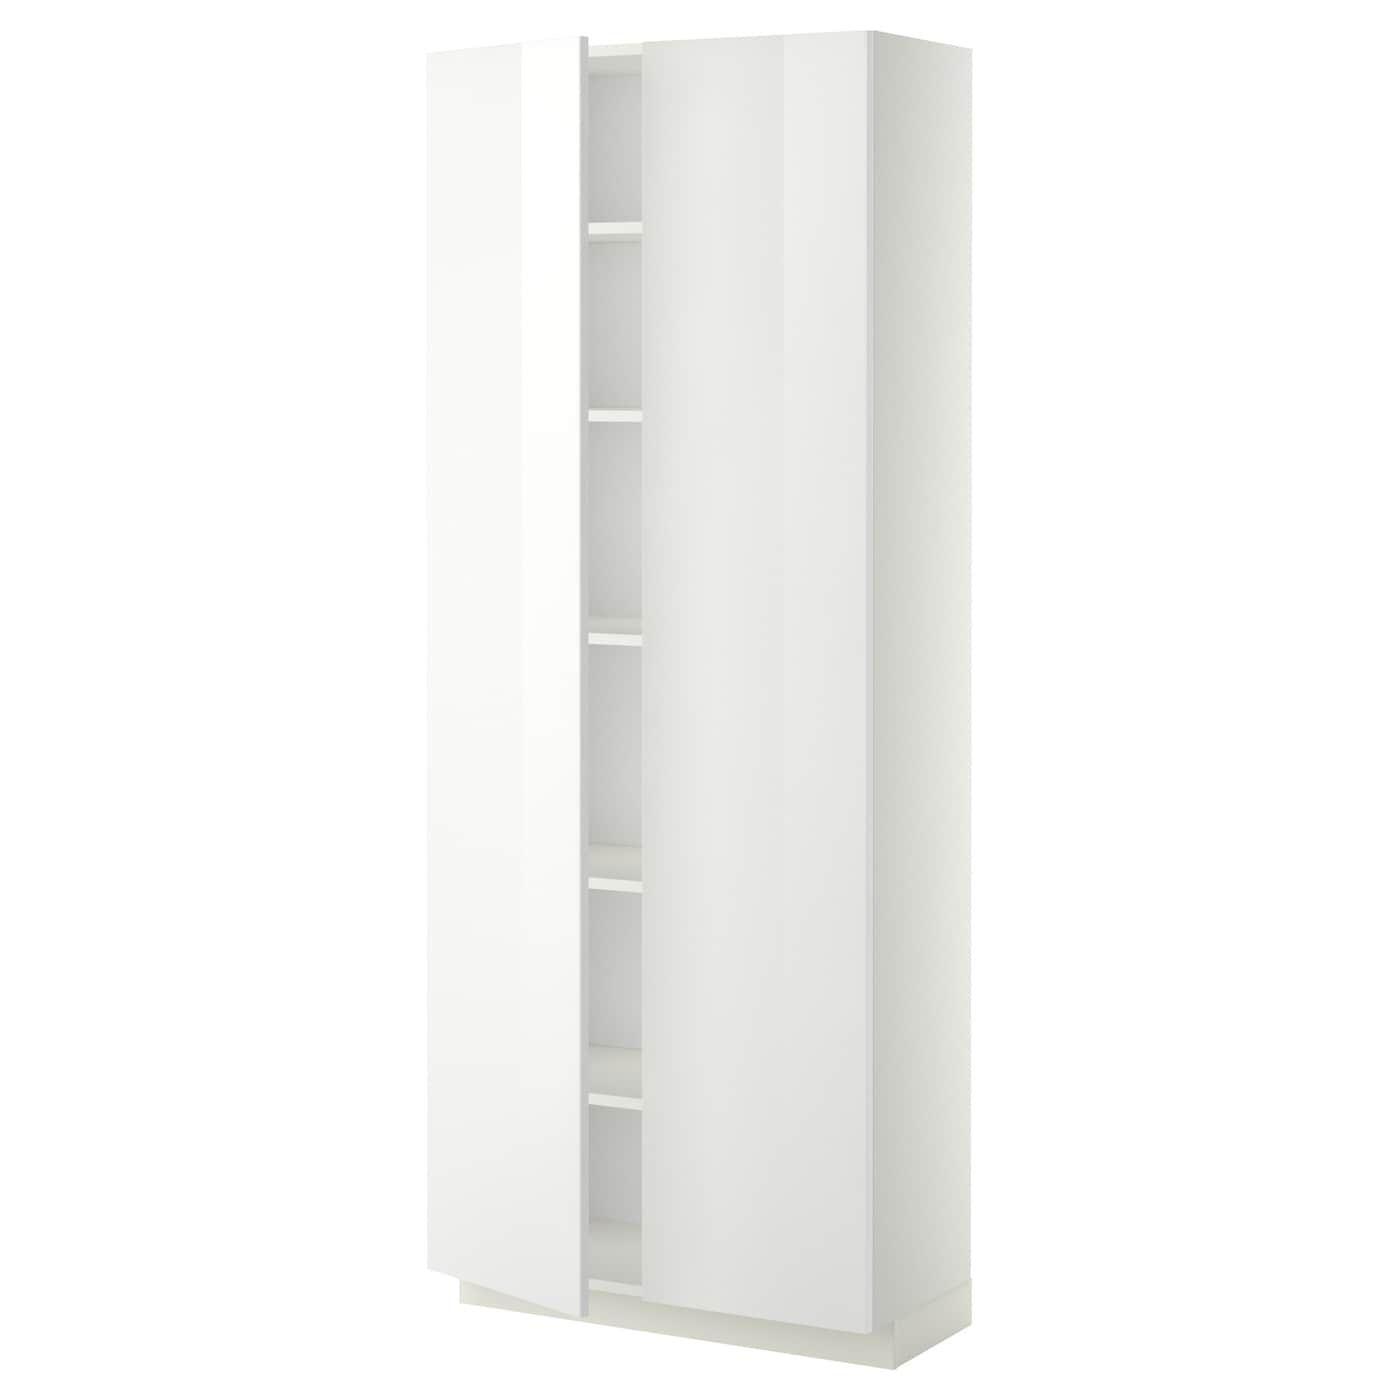 METOD weiß Hochschr. f Ofen+2 TürenBöden Frame colour: weiß